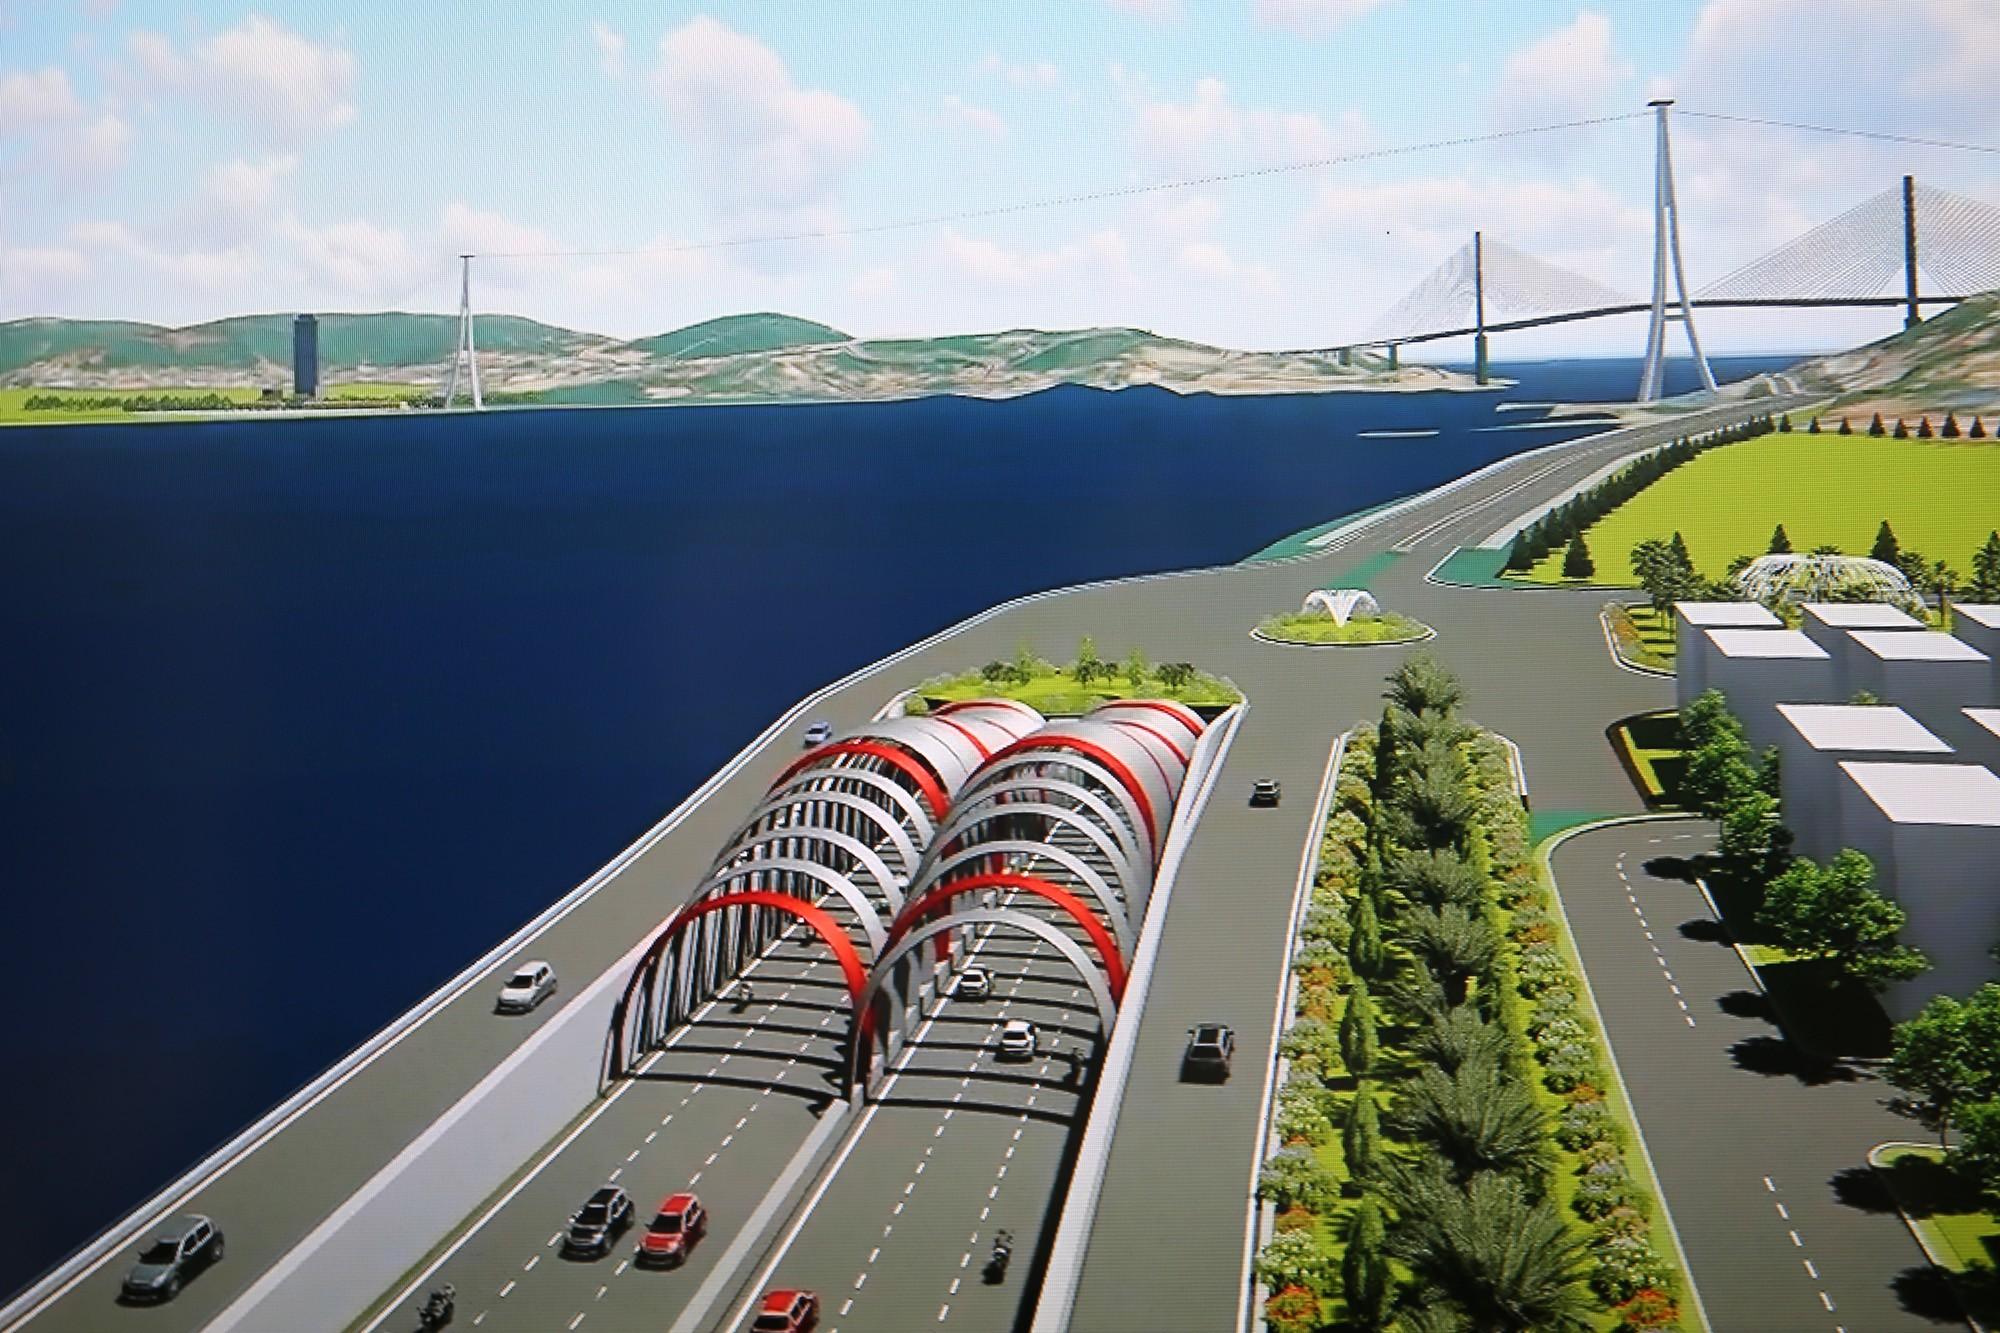 Giai đoạn 1 thiếu 2.000 tỉ đồng, Quảng Ninh phải cân đối vốn dự án Hầm Cửa Lục trong 2019 - 2020 - Ảnh 2.